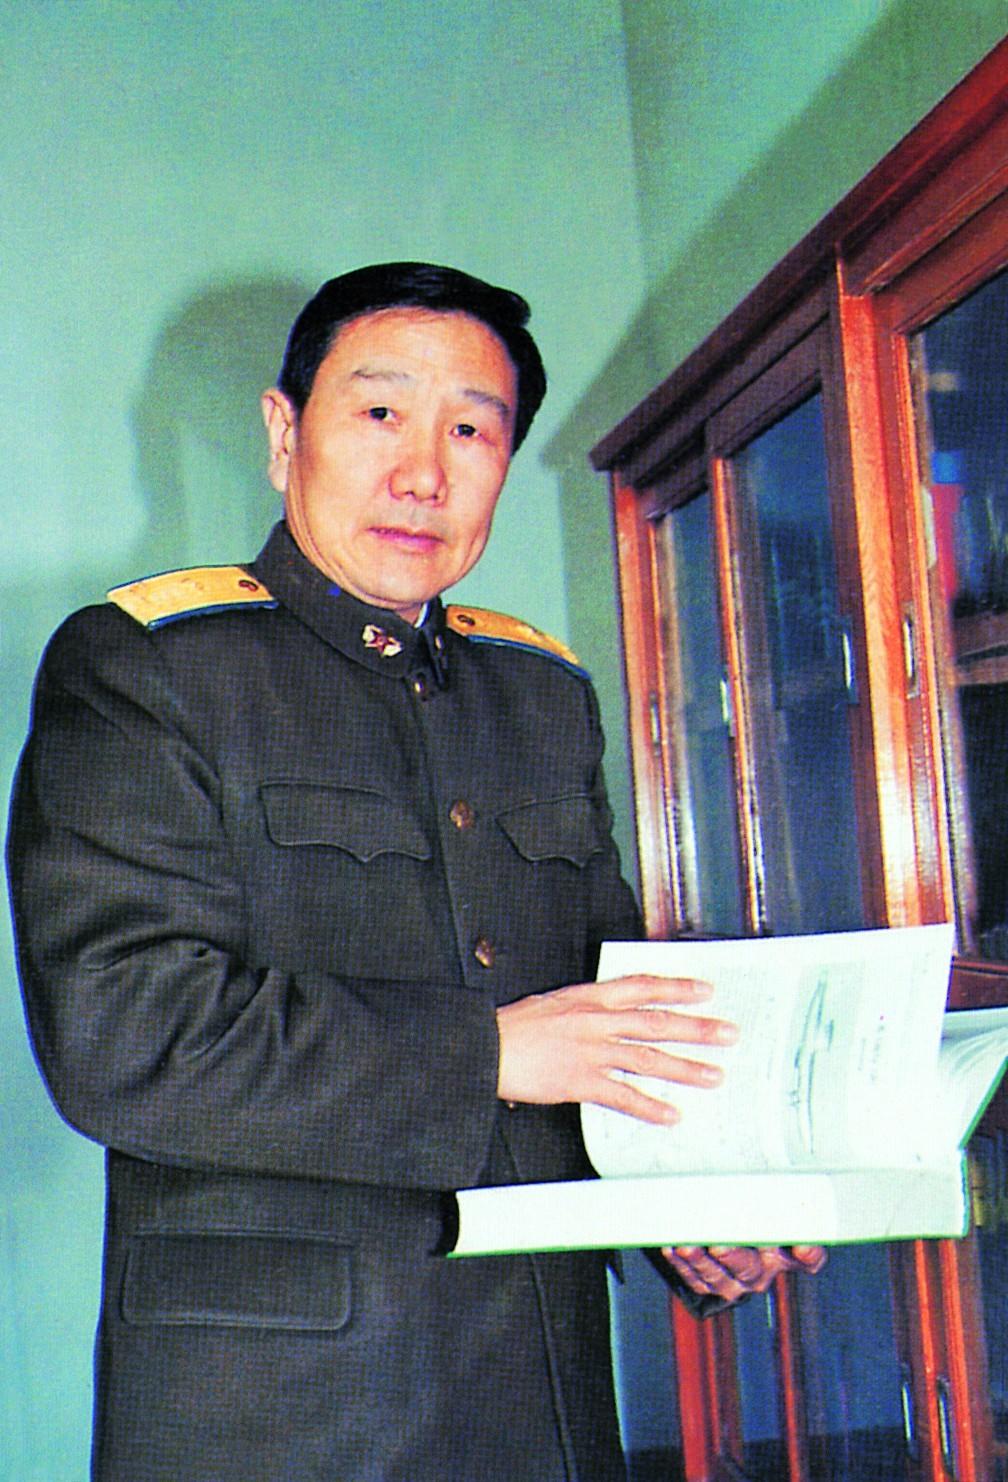 7王良旺(59届,原中国人民解放军空军副司令员,中将).jpg